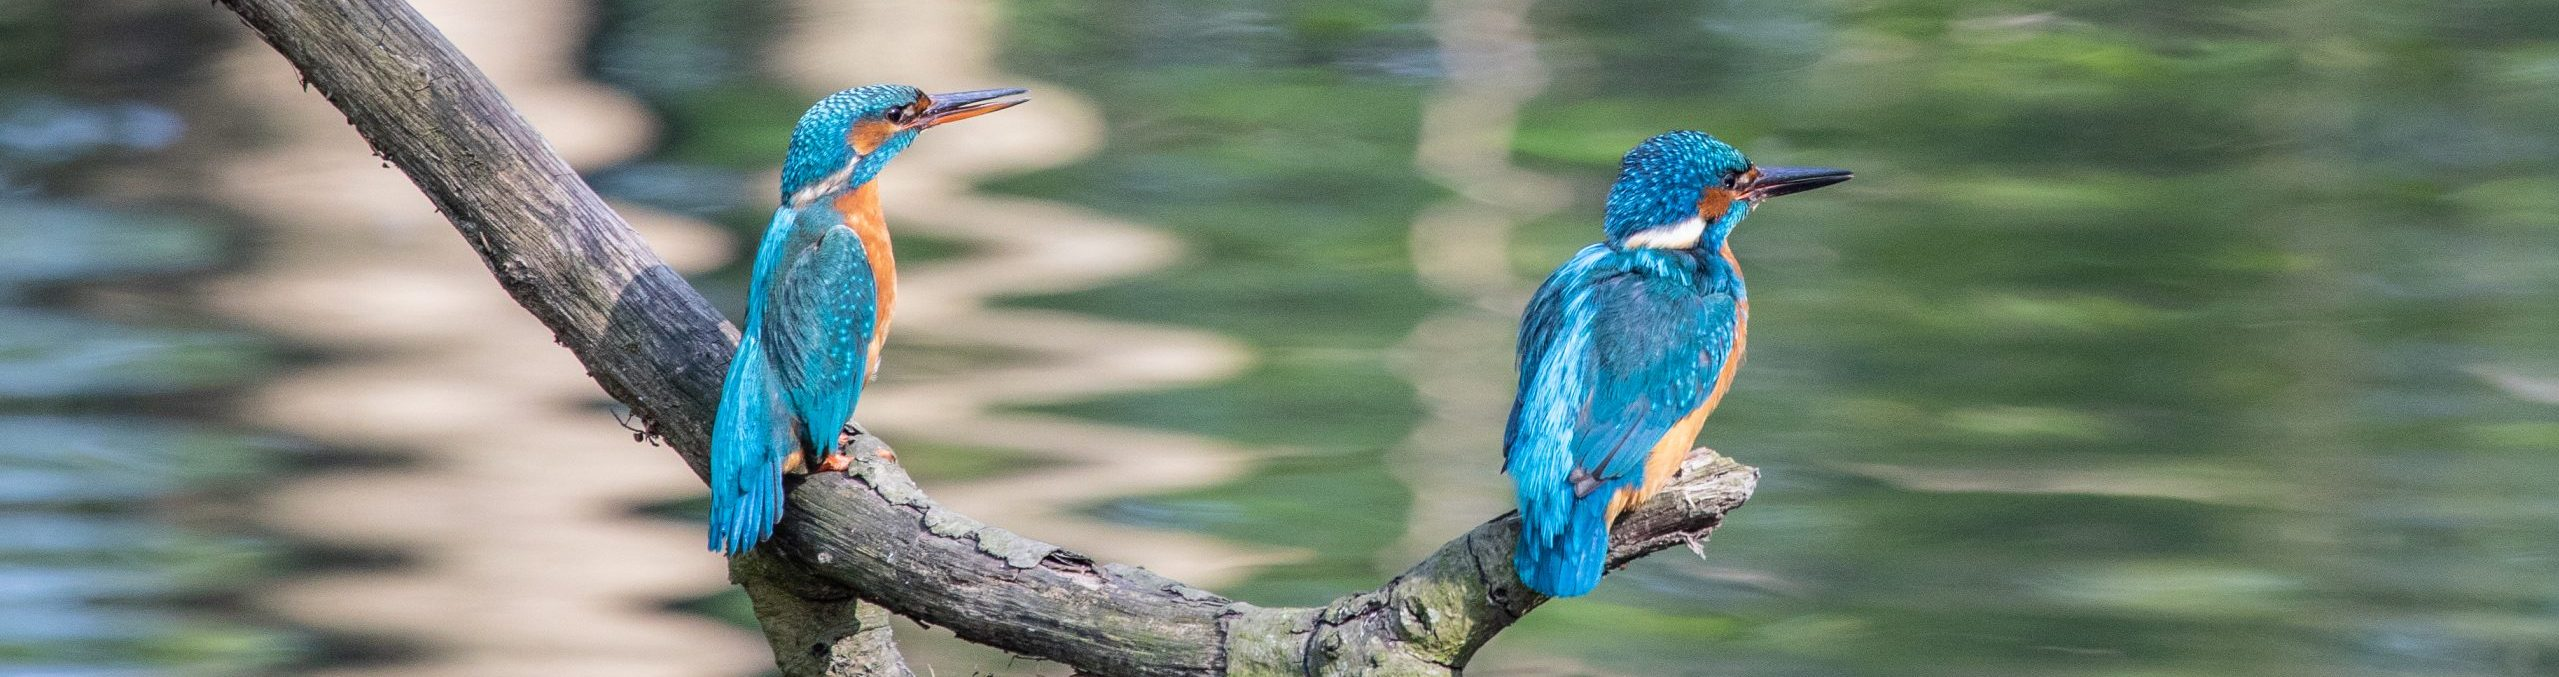 Vögel-Natur-Umwelt